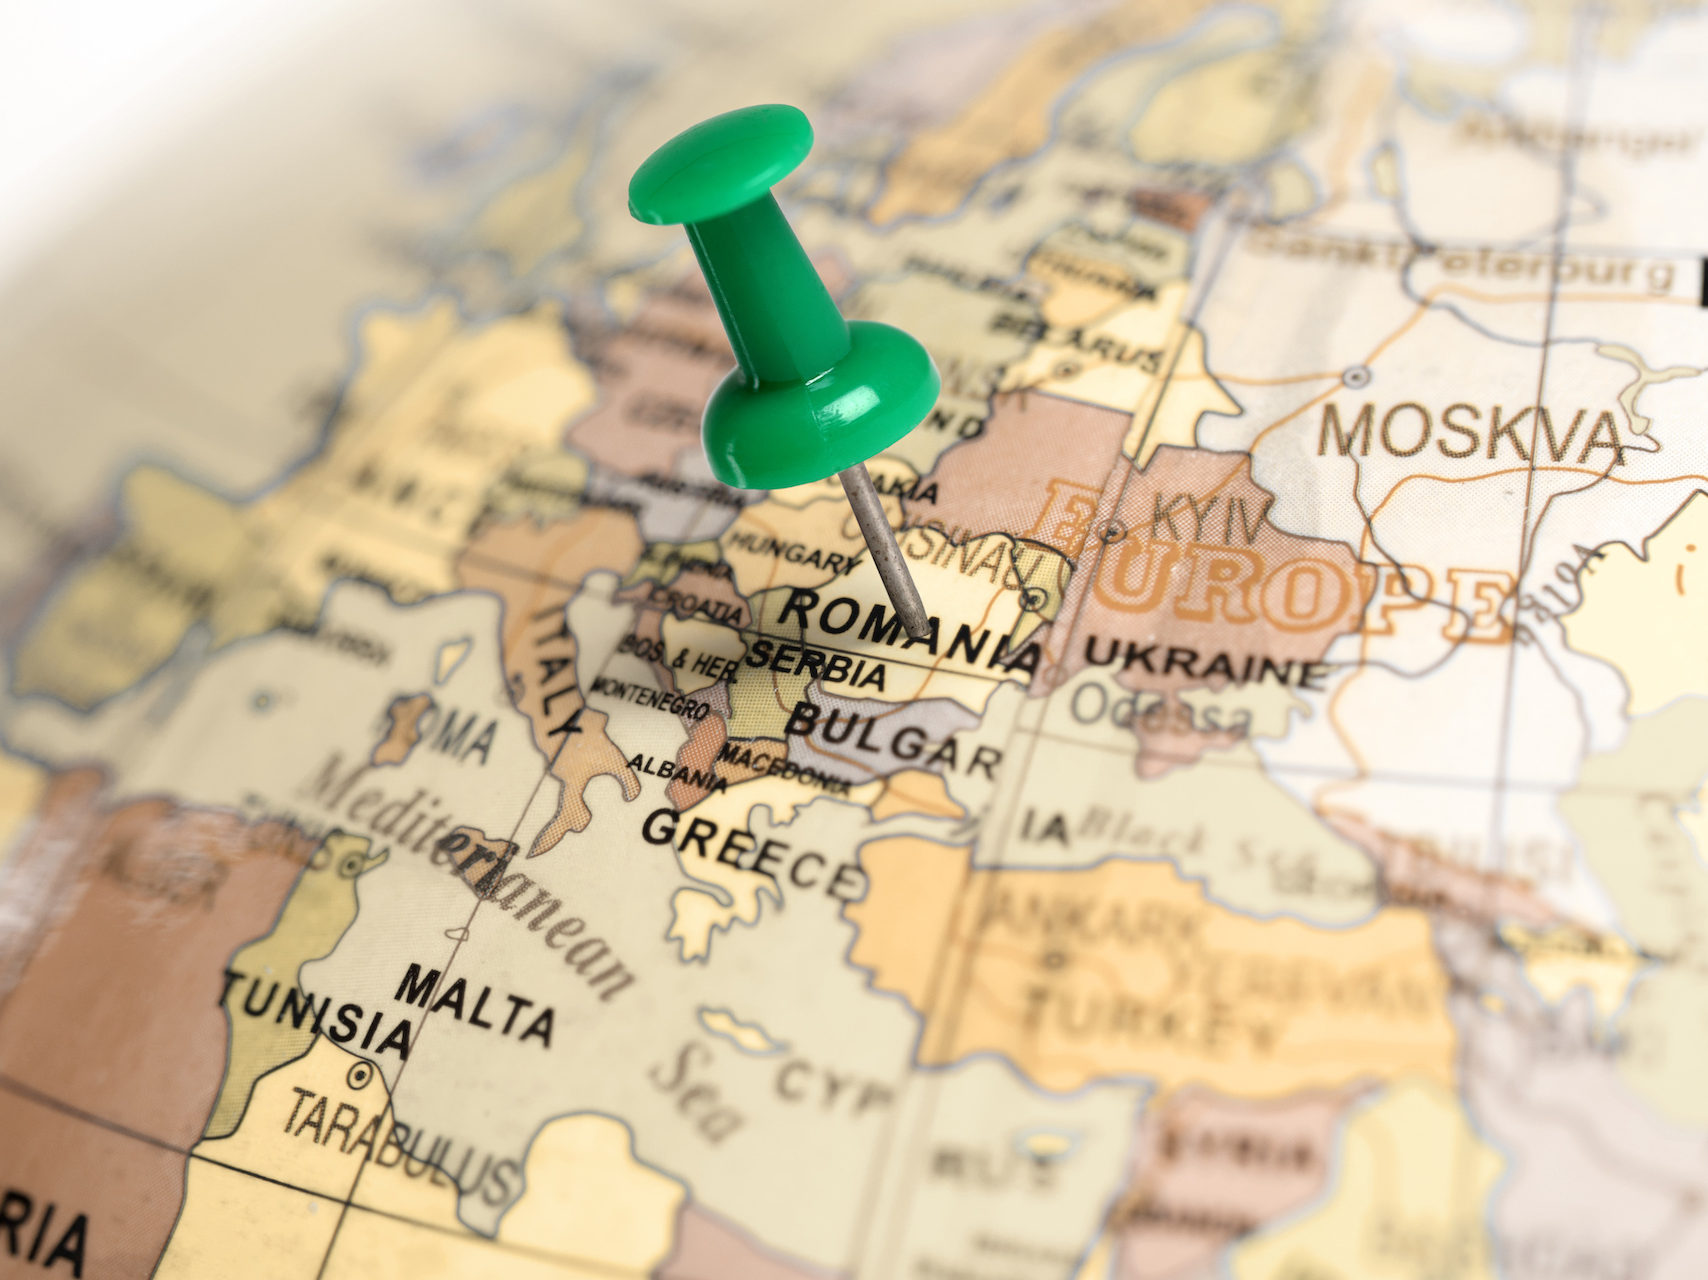 Έρευνα αγοράς για τον κλάδο των κατασκευών και υποδομών στη Ρουμανία